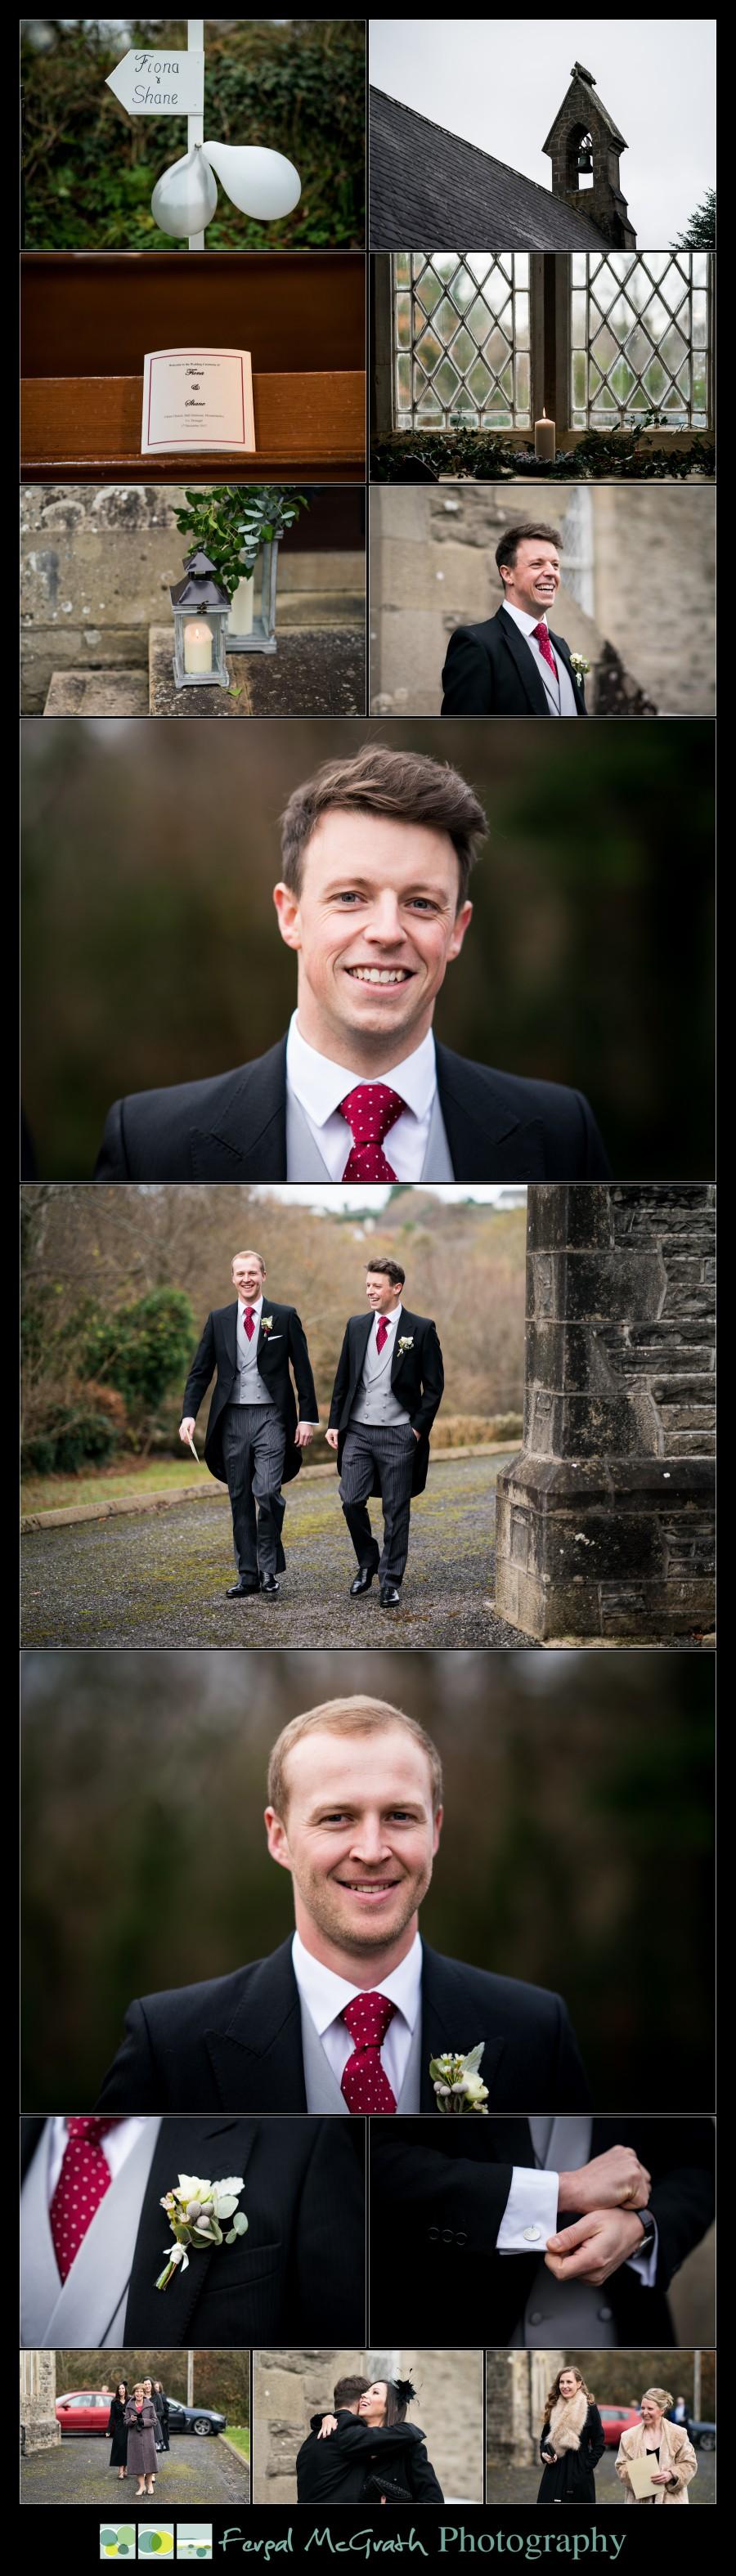 Harveys Point Hotel Winter Weddings groom photos outside the church